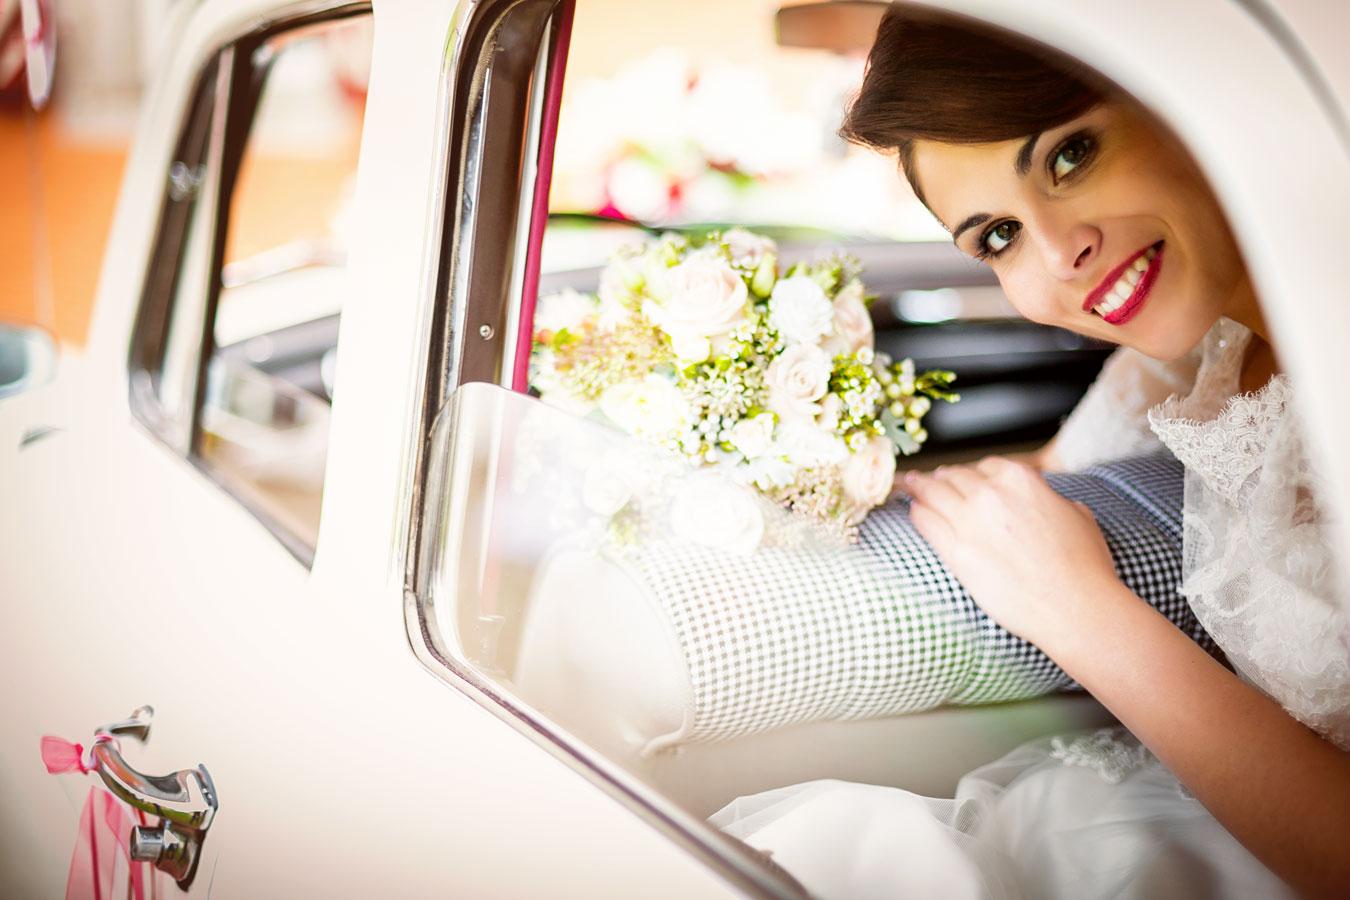 Hochzeitsfotograf Hochzeitsvideo, europe weddingphotographer, Hochzeitsfotograf Koblenz, Hochzeitsfotos